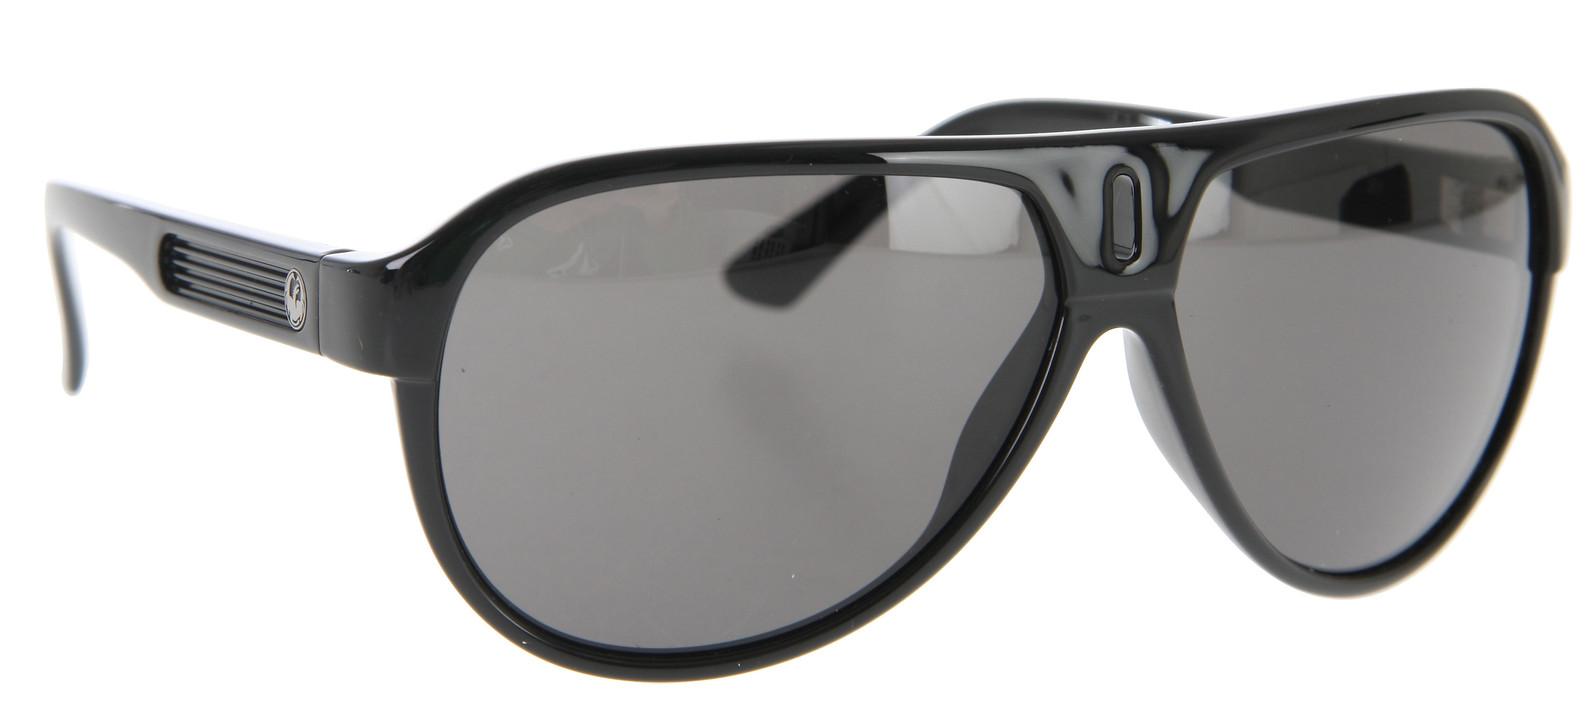 e5720a8e66ace Dragon Experience II Sunglasses Jet Grey Lens - Reviews